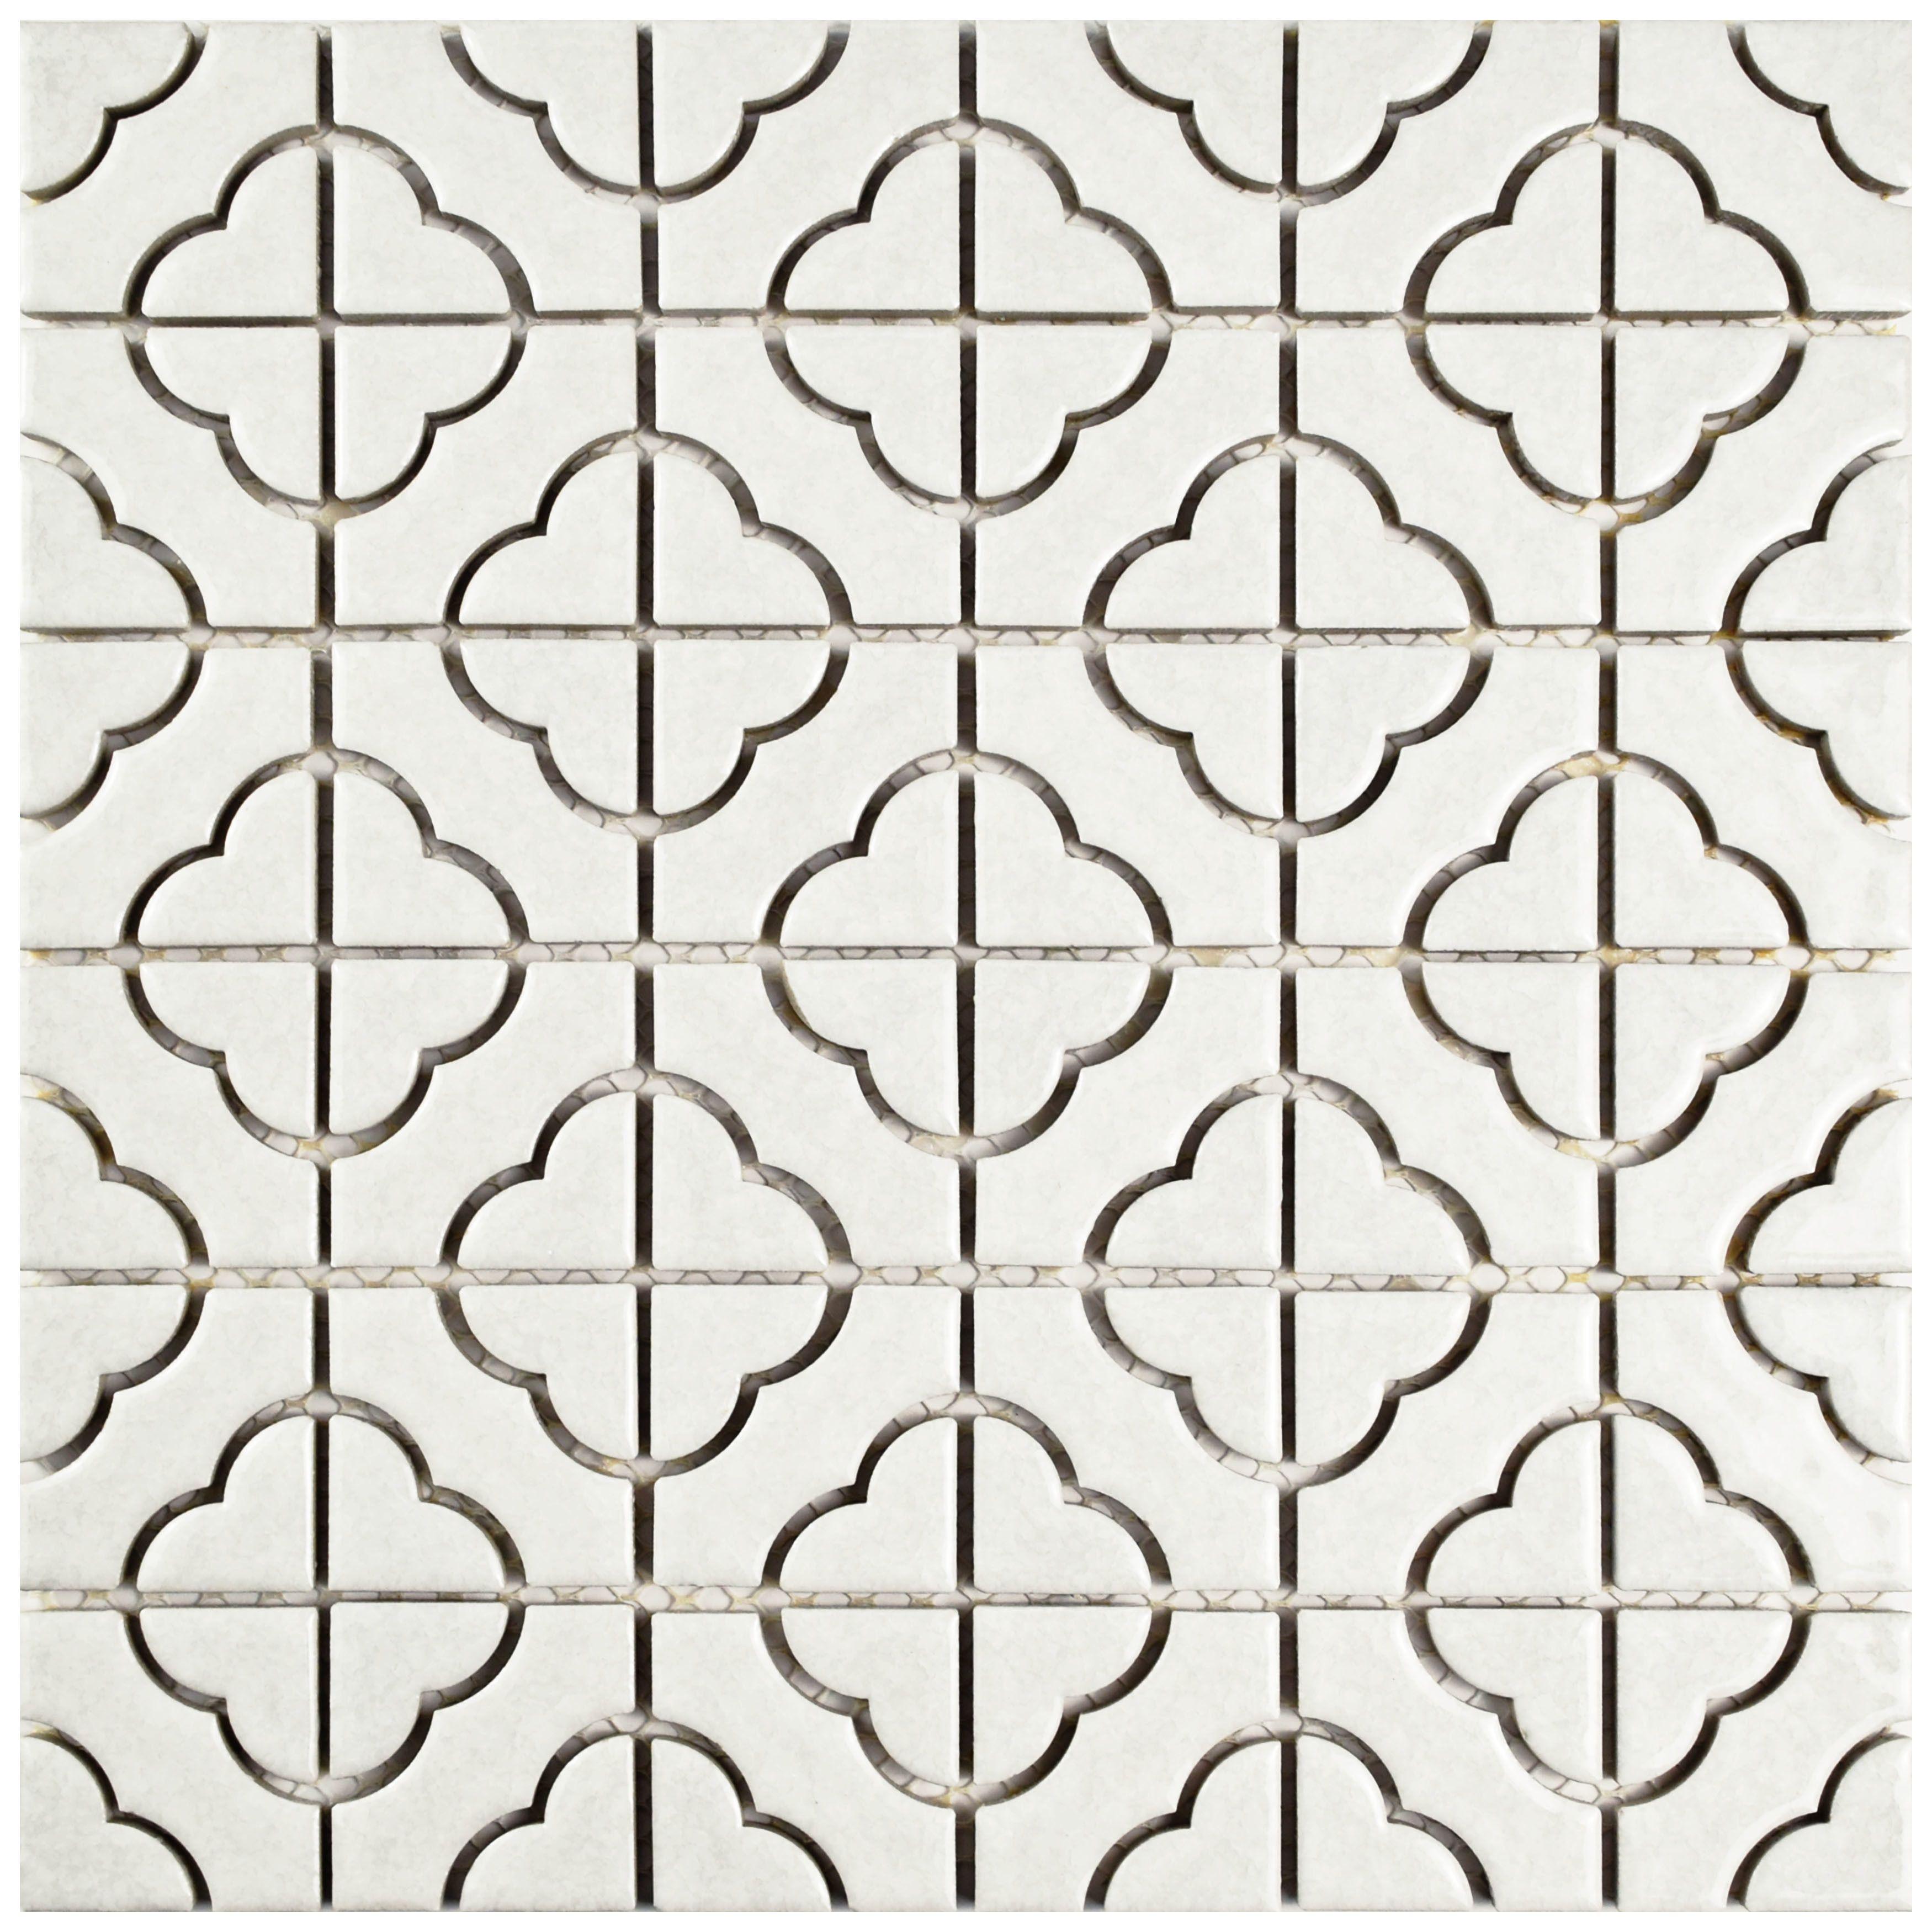 elitetile castle random sized porcelain mosaic tile in white